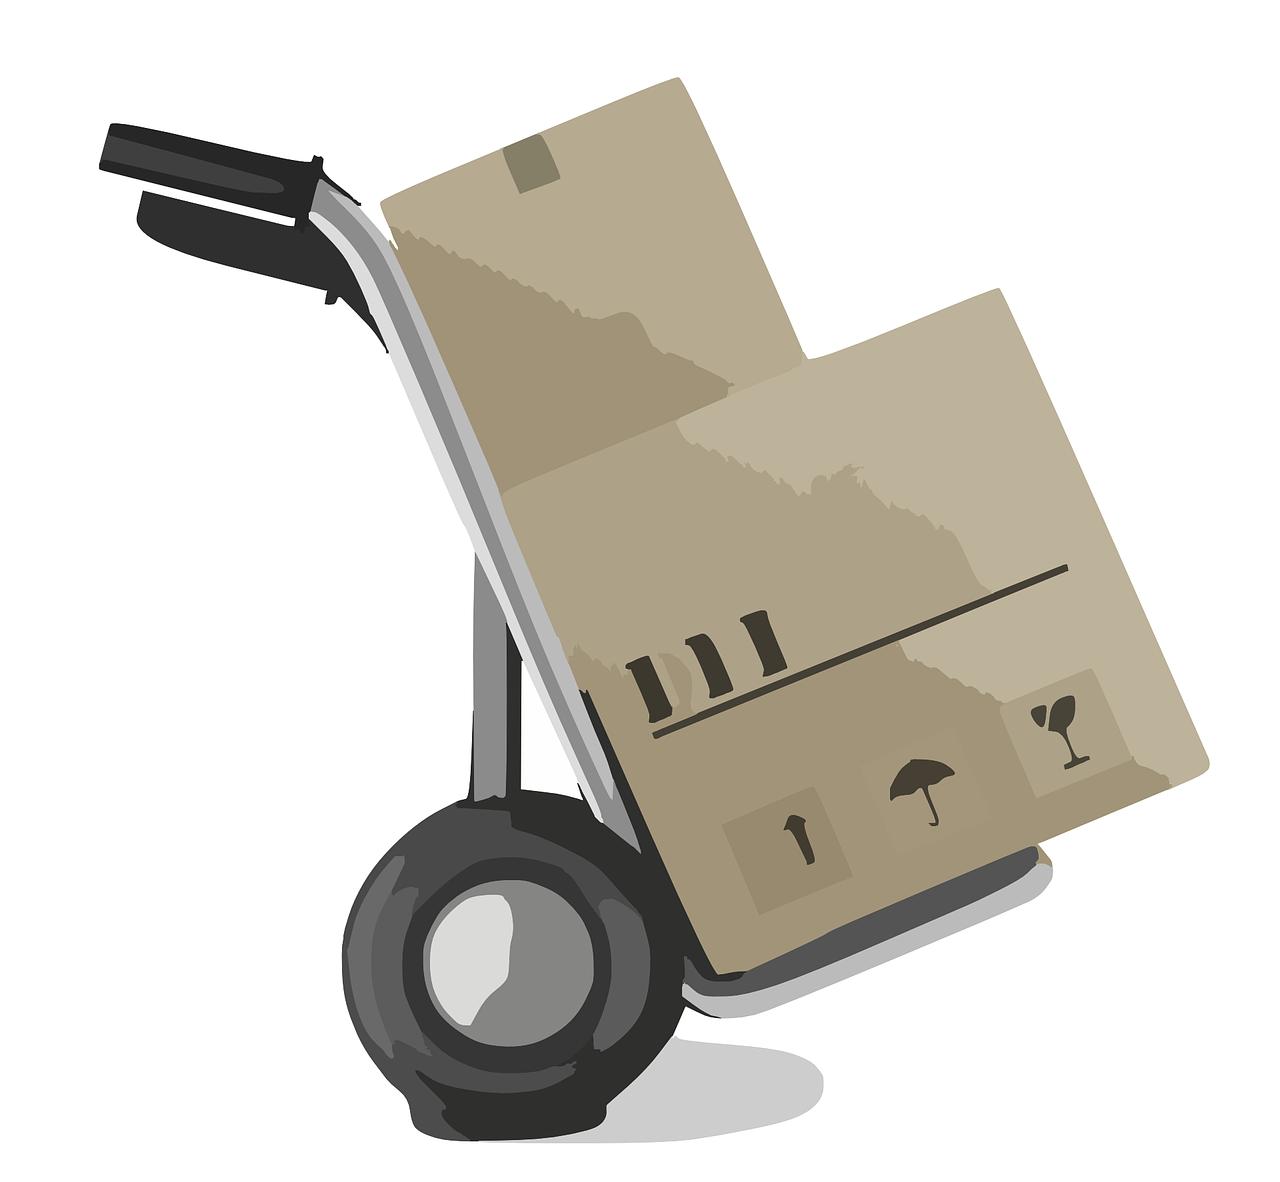 Доставка в черте г. Ижевска  доставка осуществляется бесплатно до двери.